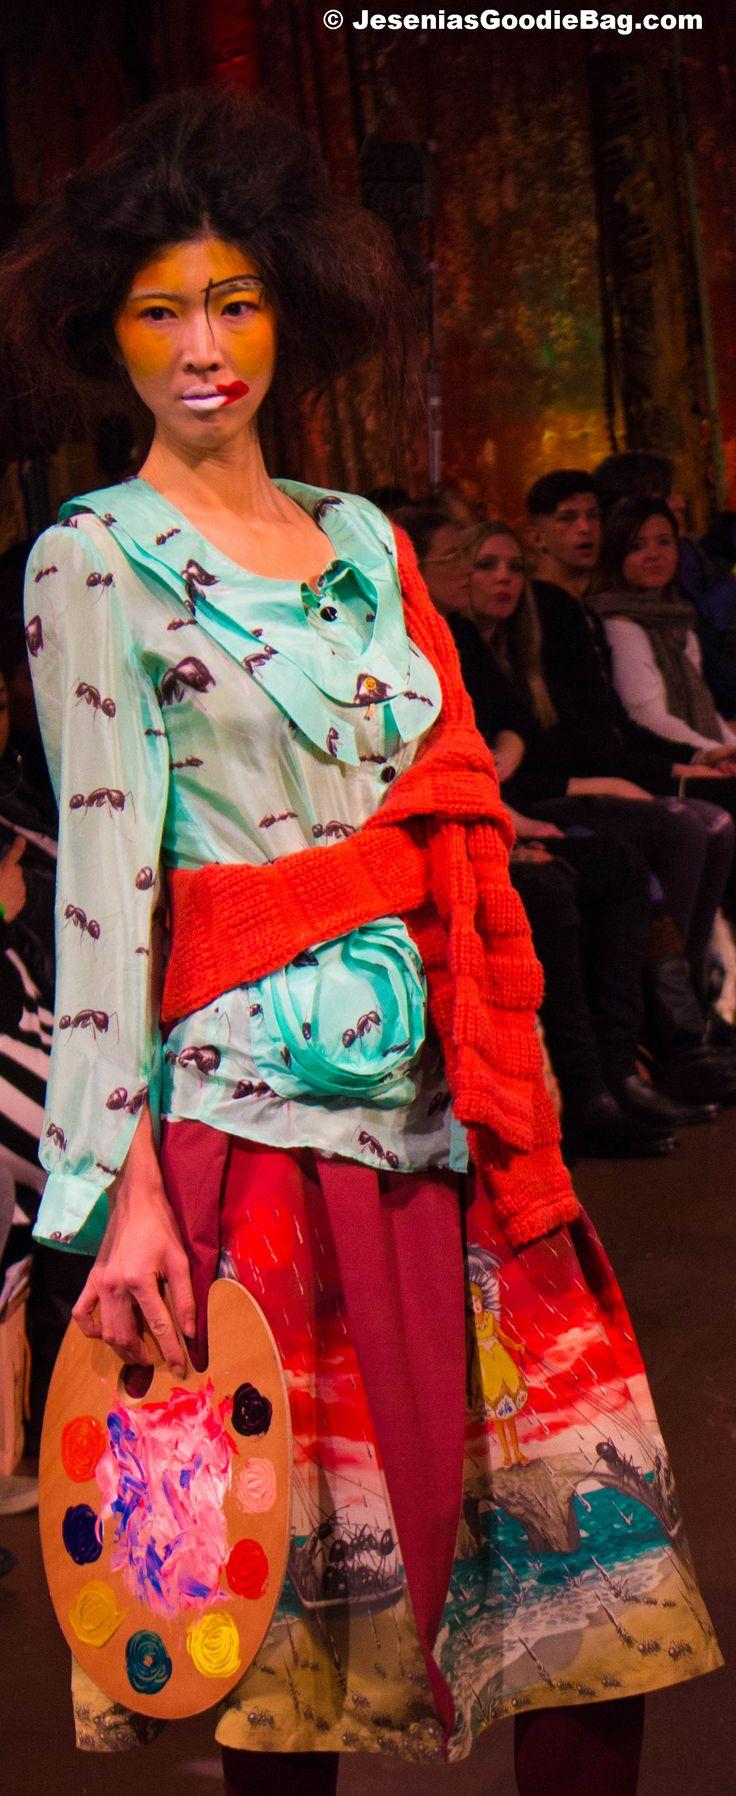 Art Bag Nyc 480 Best Jesenias Goodie Bag Images On Pinterest Goodie Bags